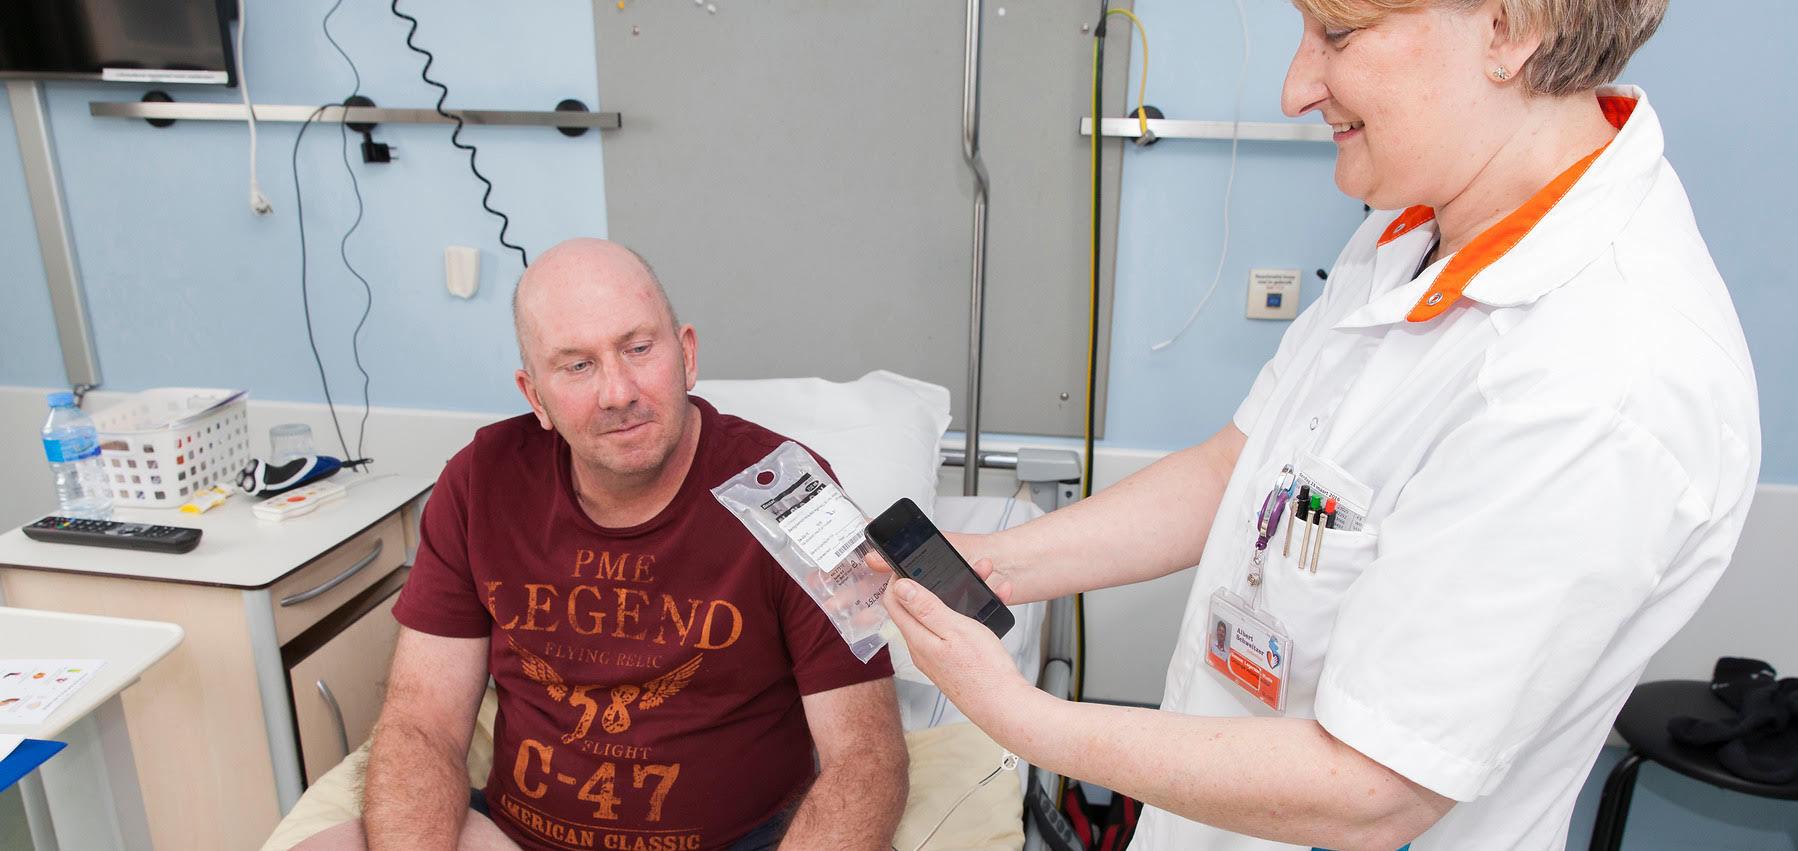 De verpleegkundige scant met de iPod de infuuszak en de barcode op het polsbandje van de patiënt